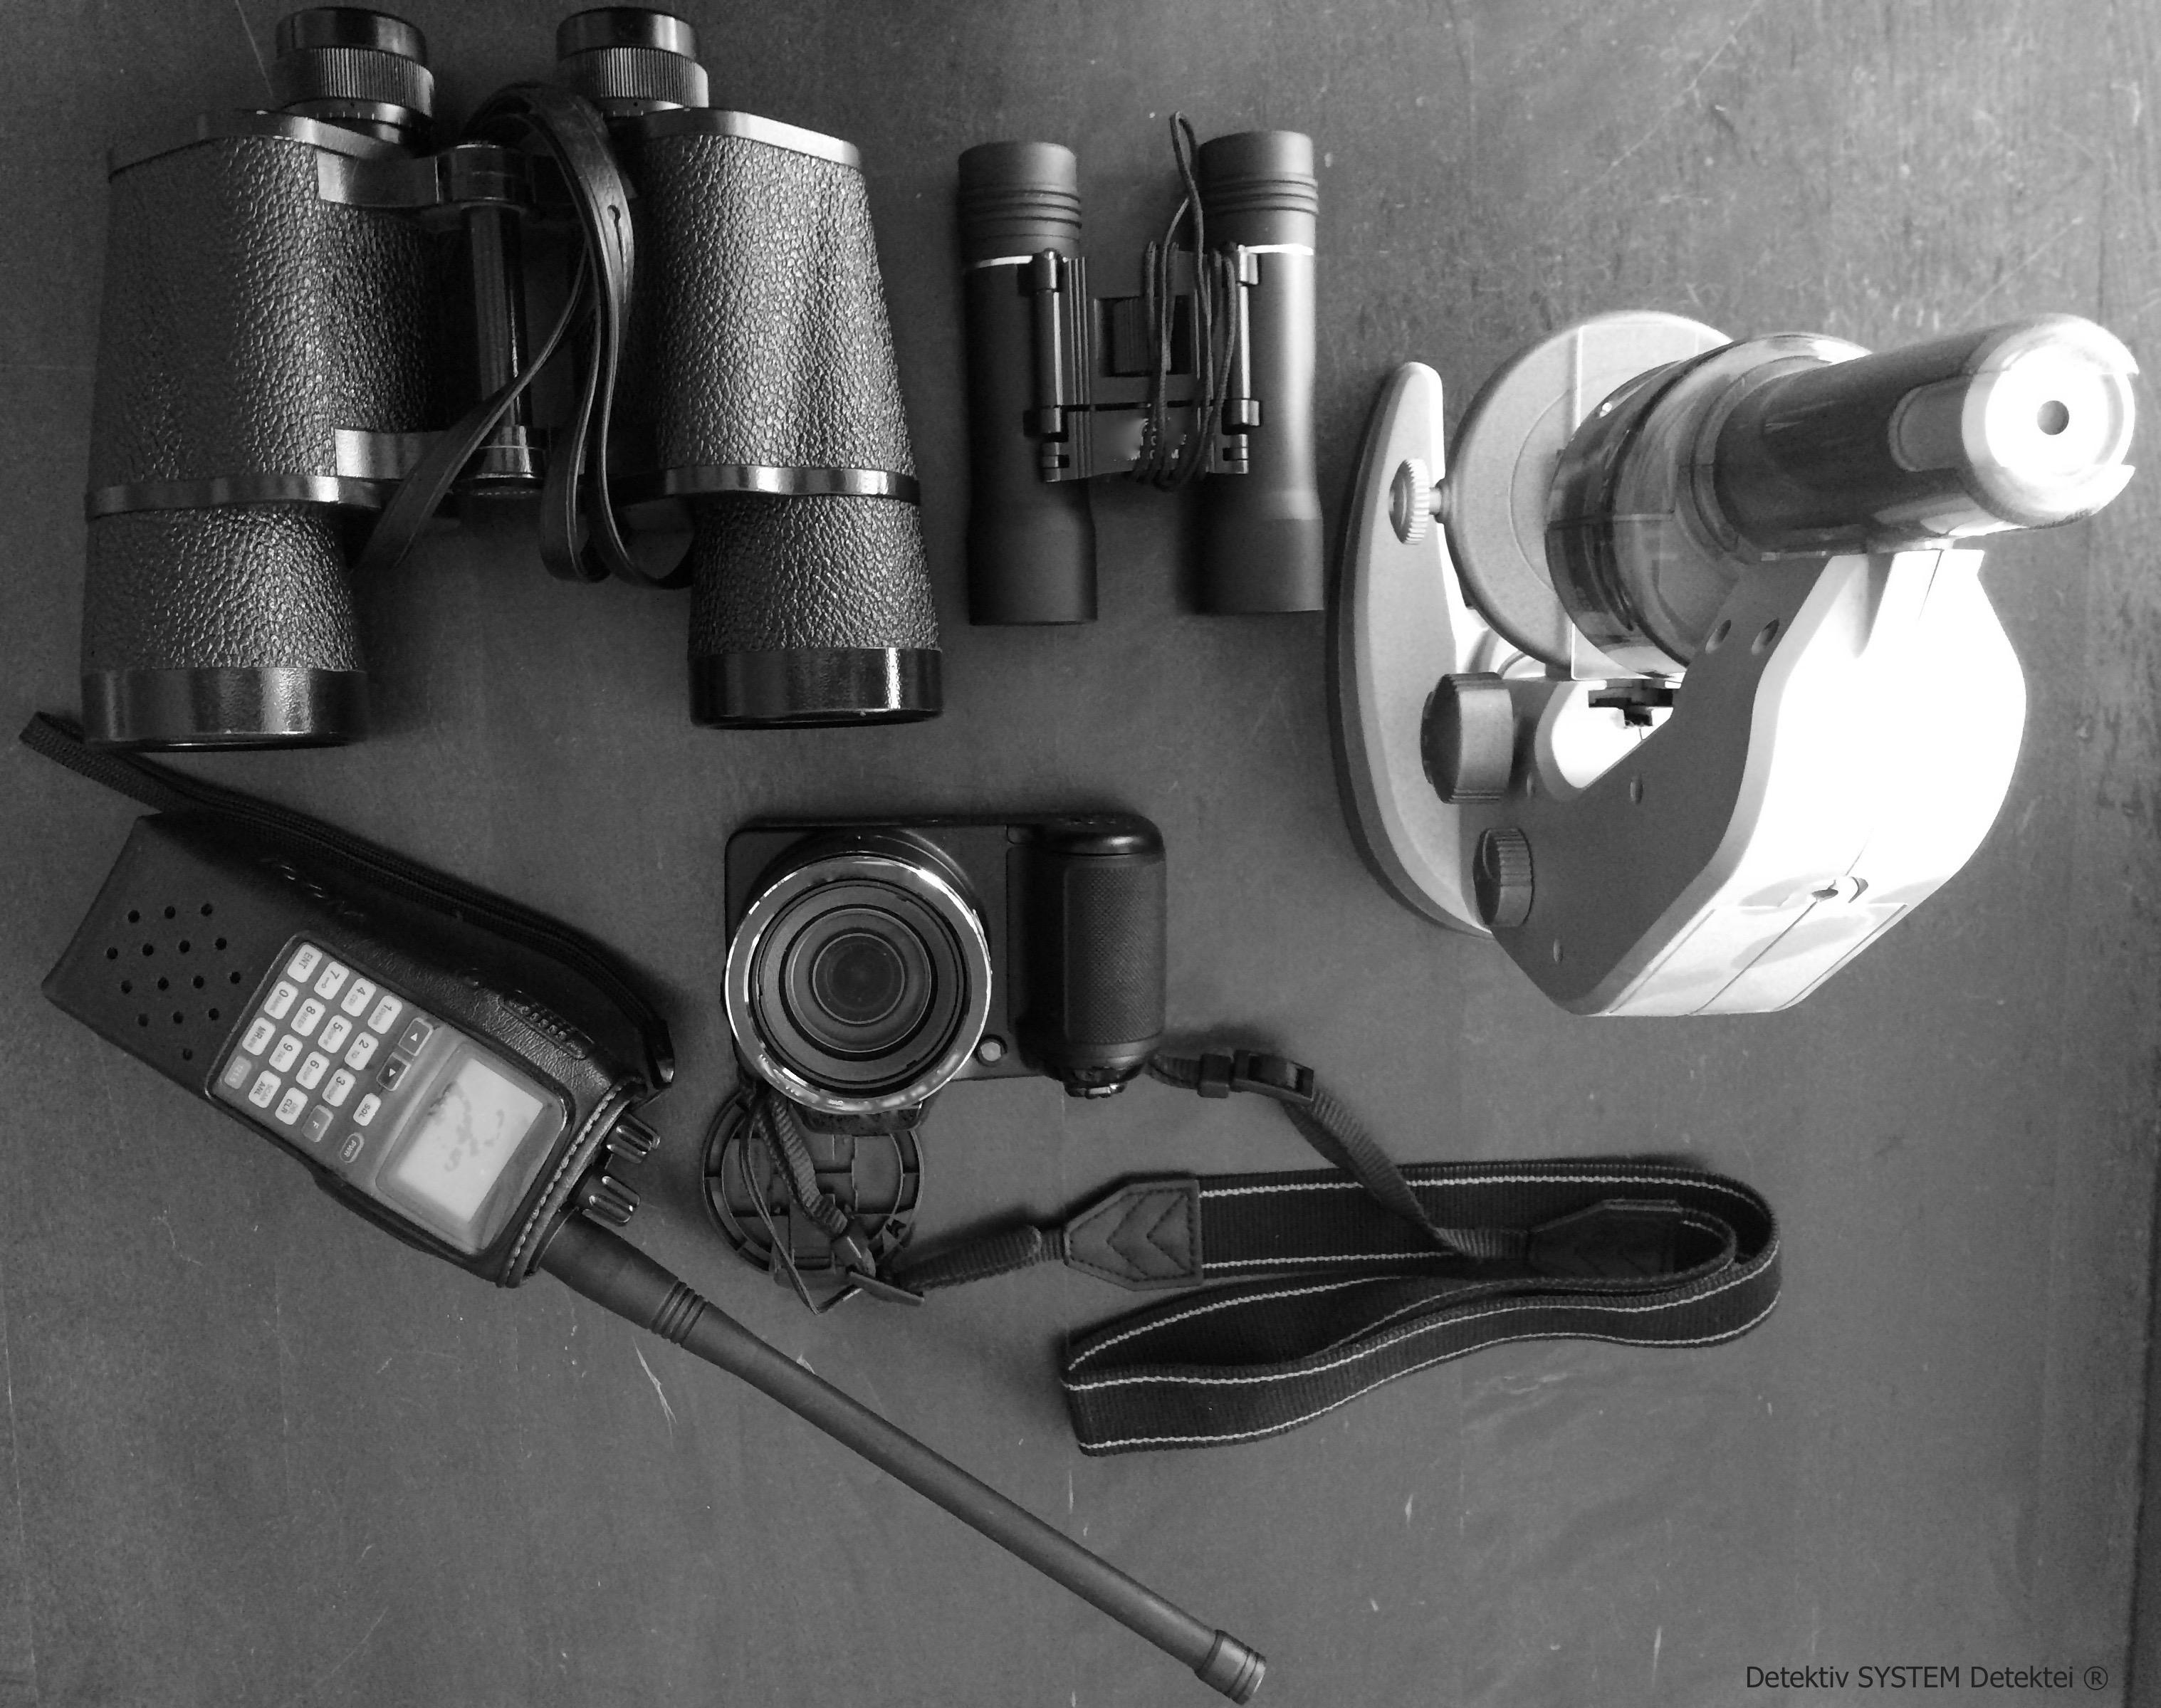 Equipment der Detektiv SYSTEM Detektei ® für den Einsatz in Ehingen (Donau)